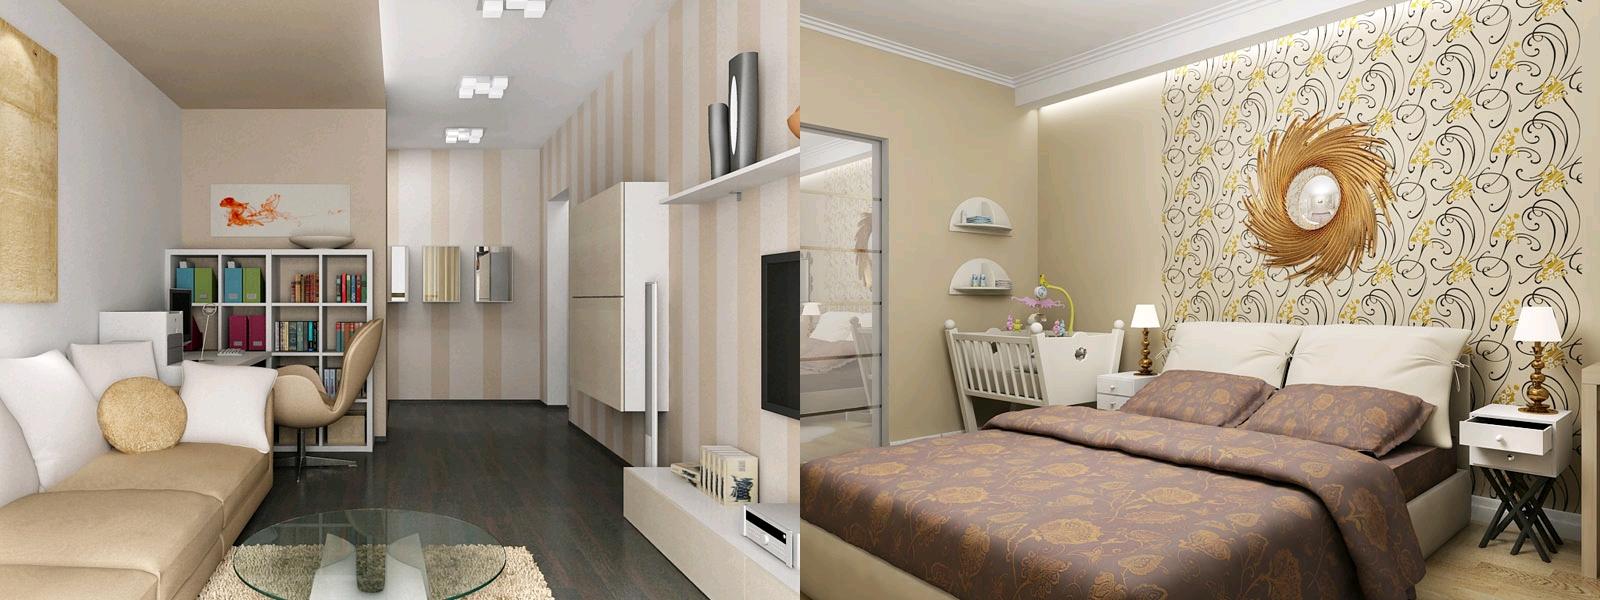 2 комнатной квартиры фото дизайн